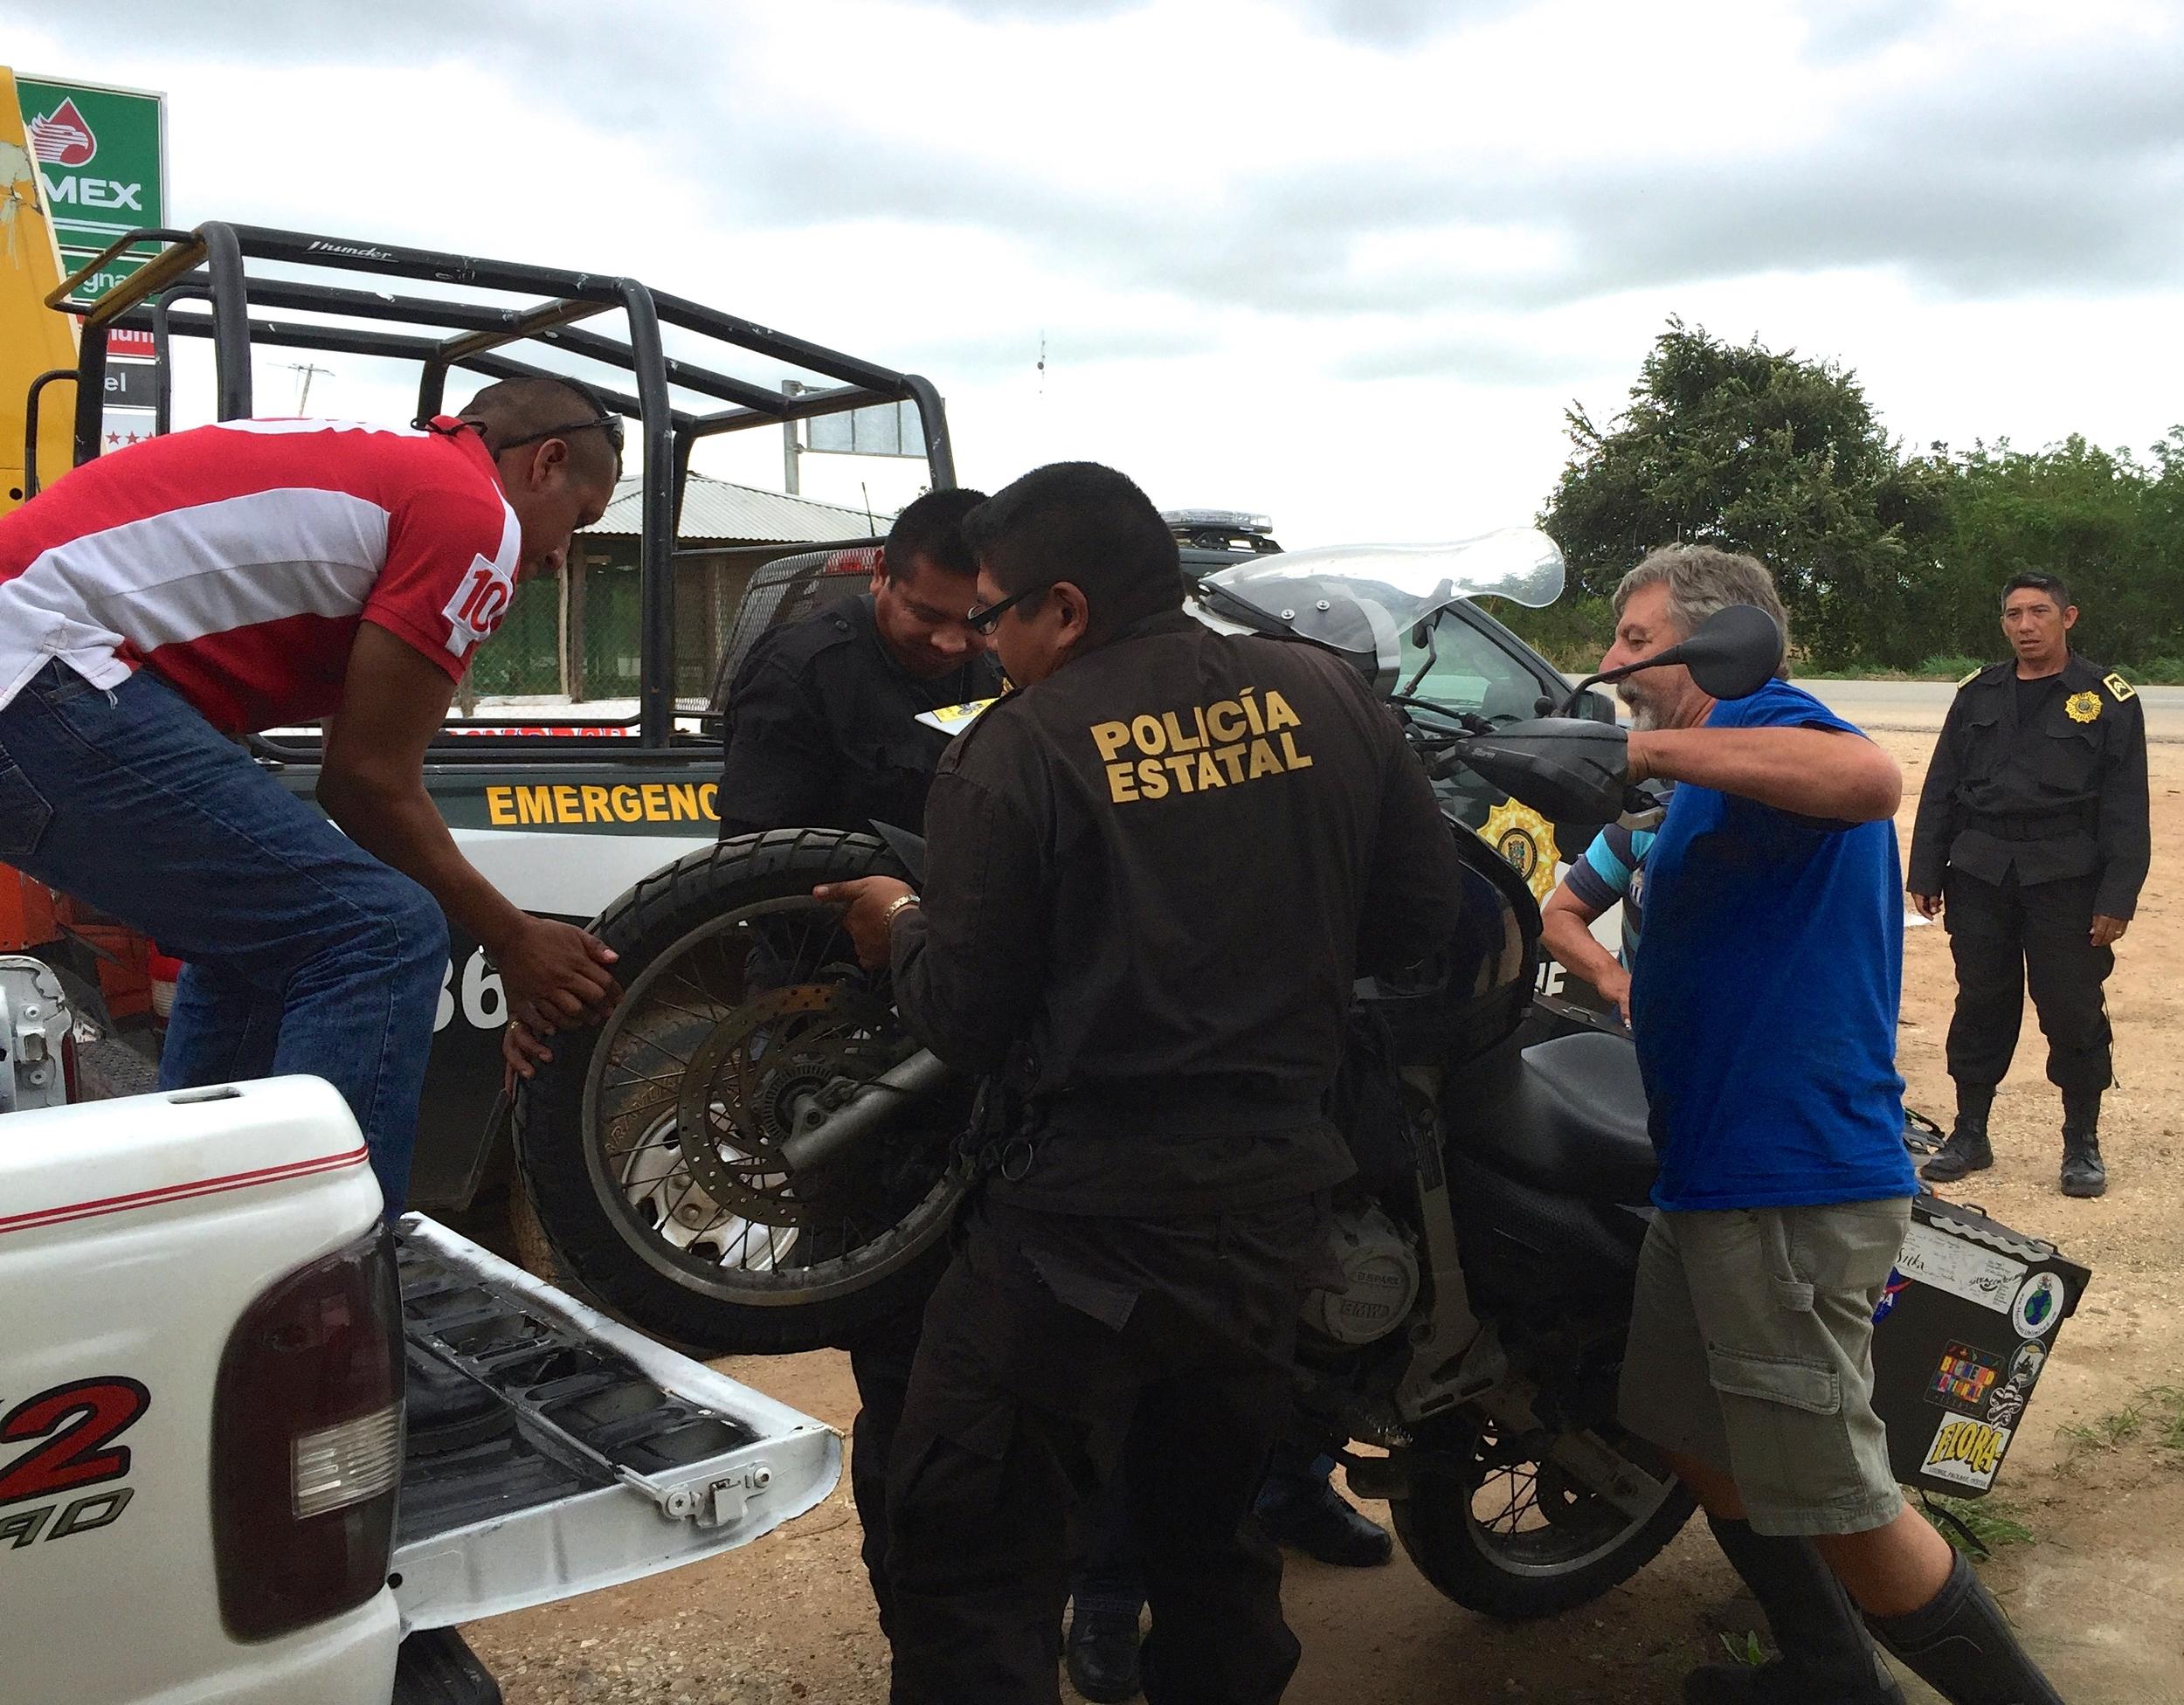 Jalene's broken down bike being loaded in a truck...